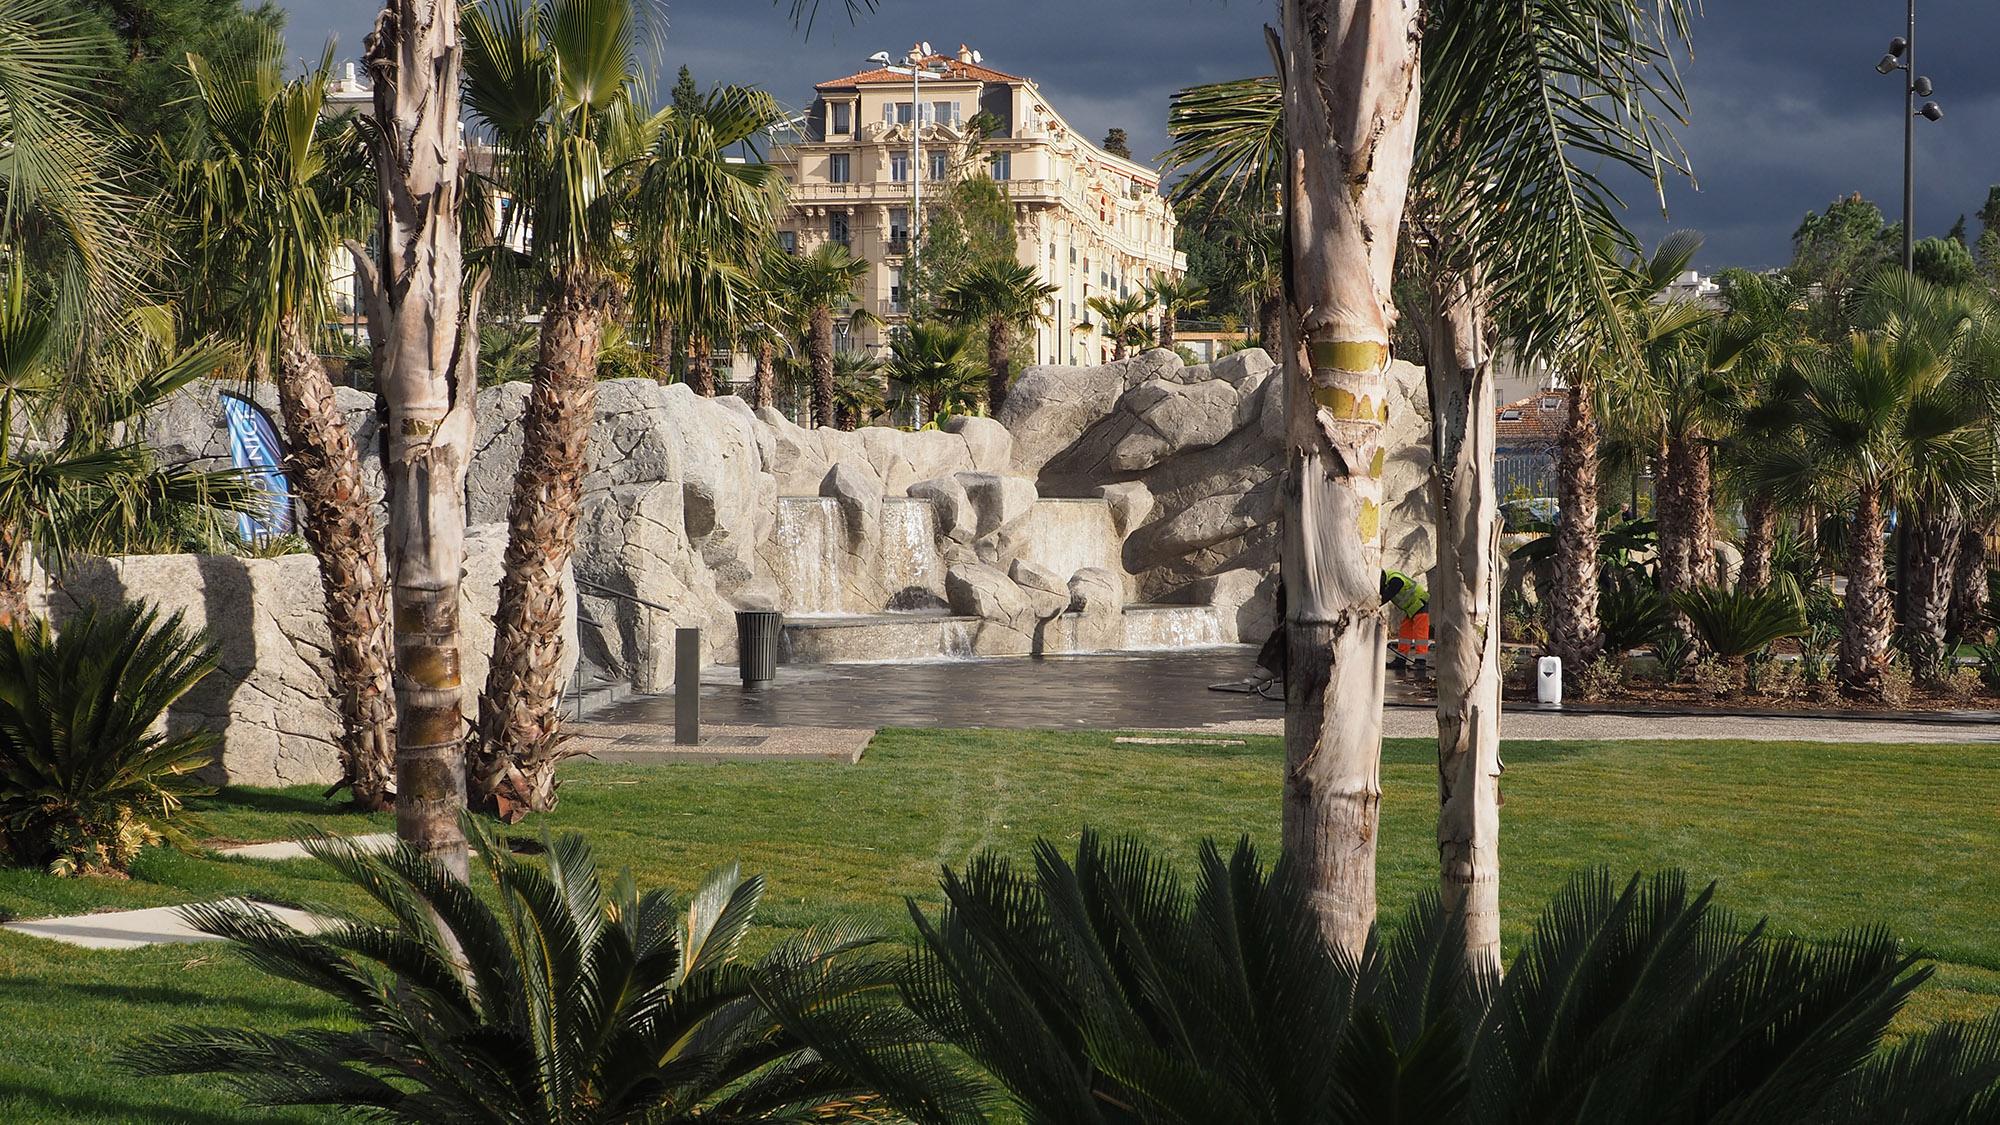 Parc du Ray - Nice - La fontaine